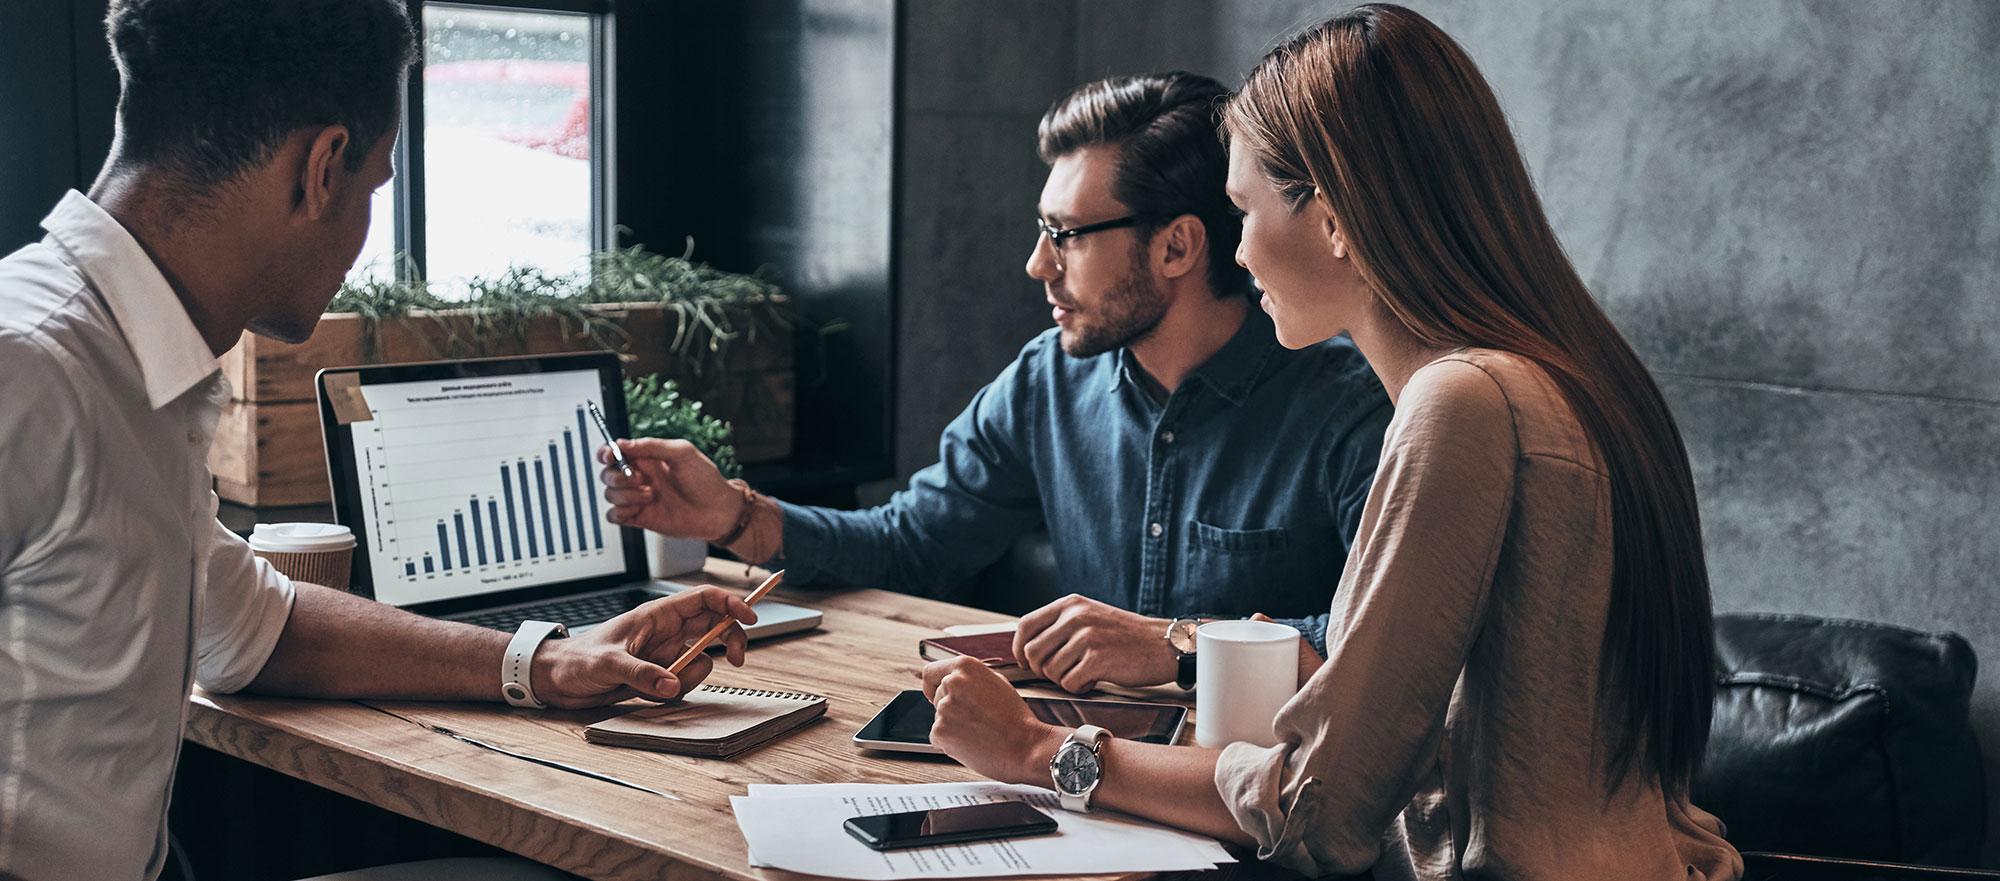 Wsparcie dla przedsiębiorców, którzy porażkę chcą przekuć w sukces